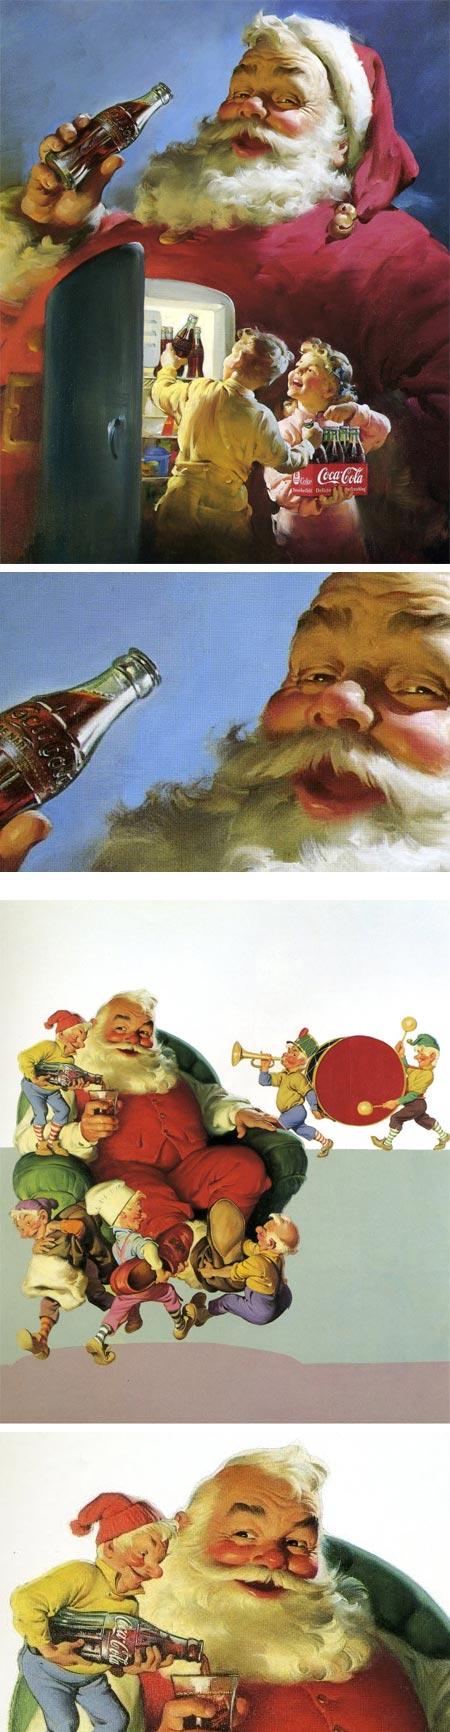 Haddon Sundblom Santas